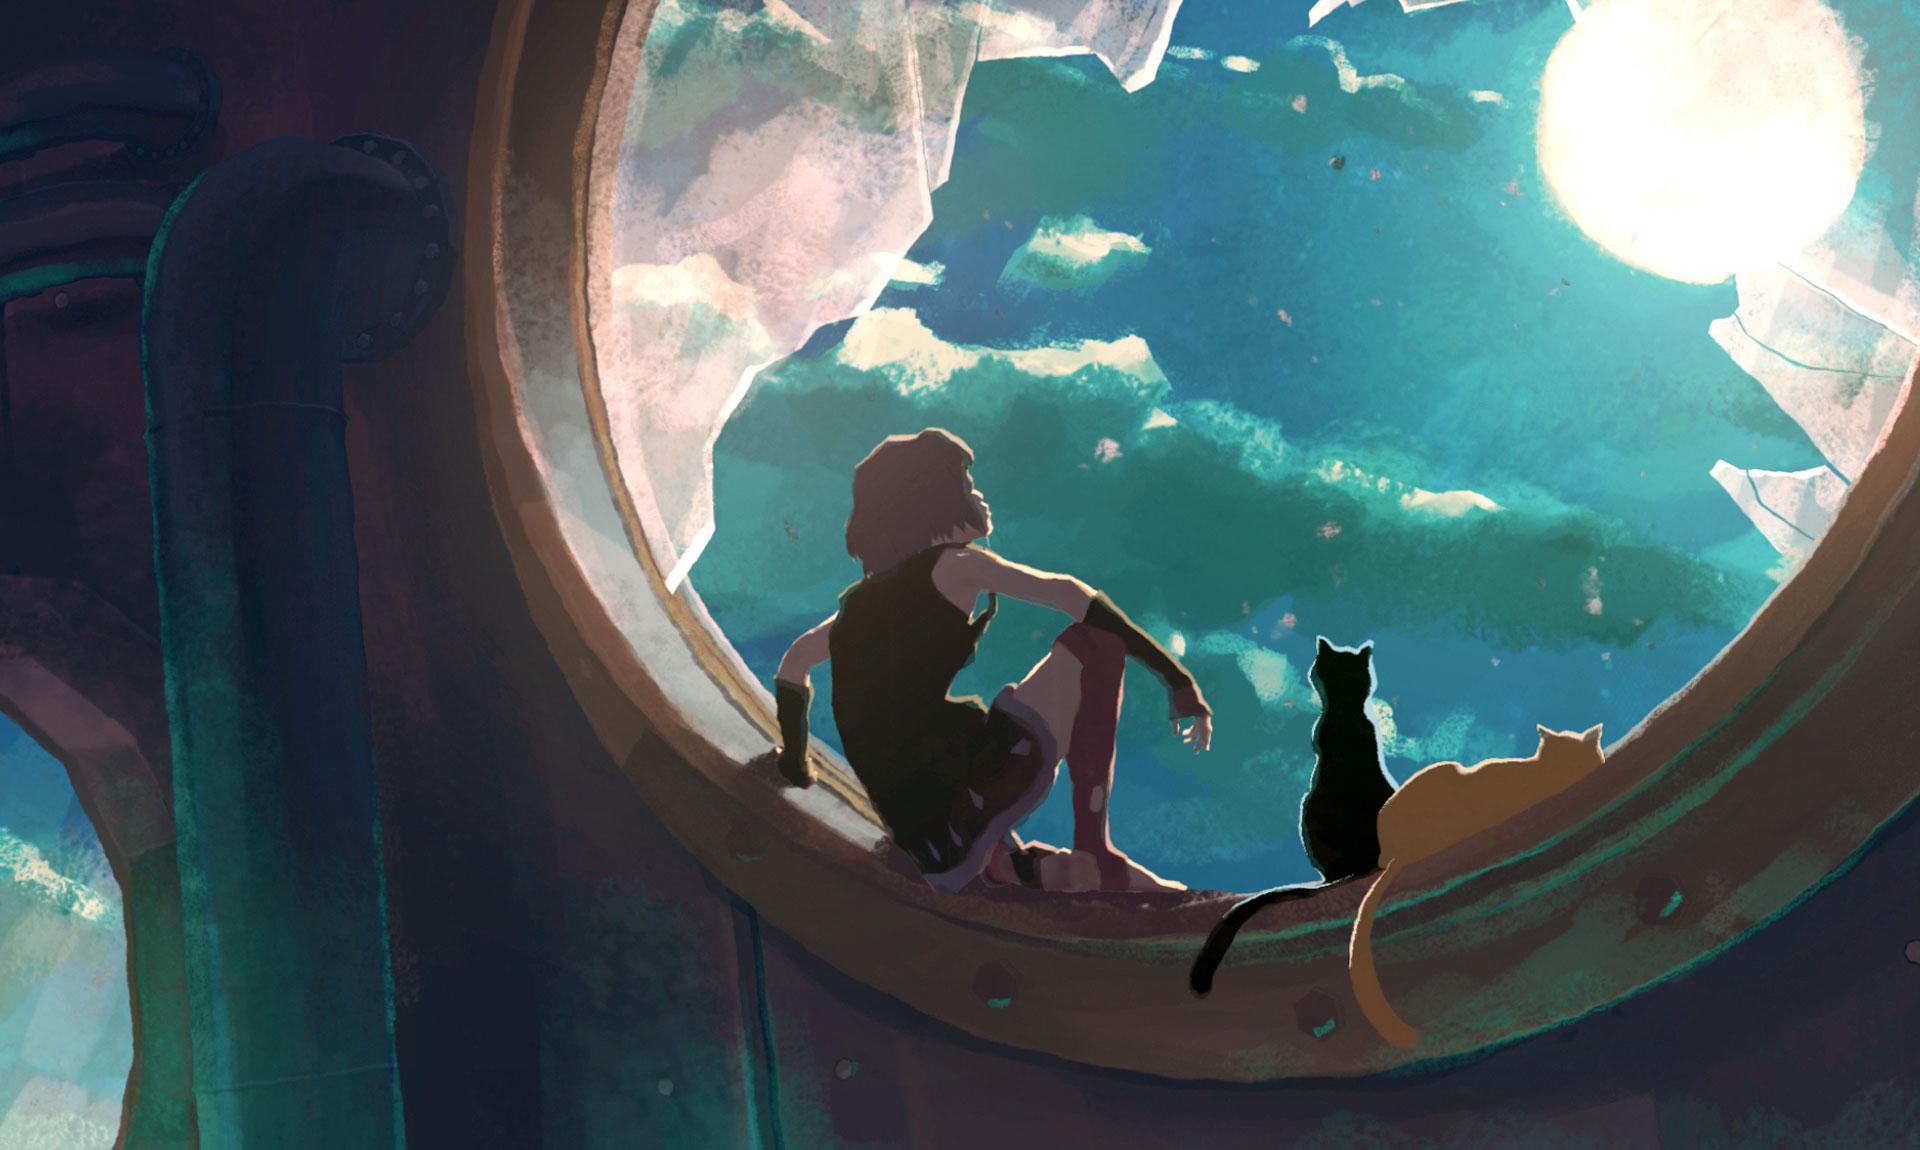 Cinderella_The_Cat02